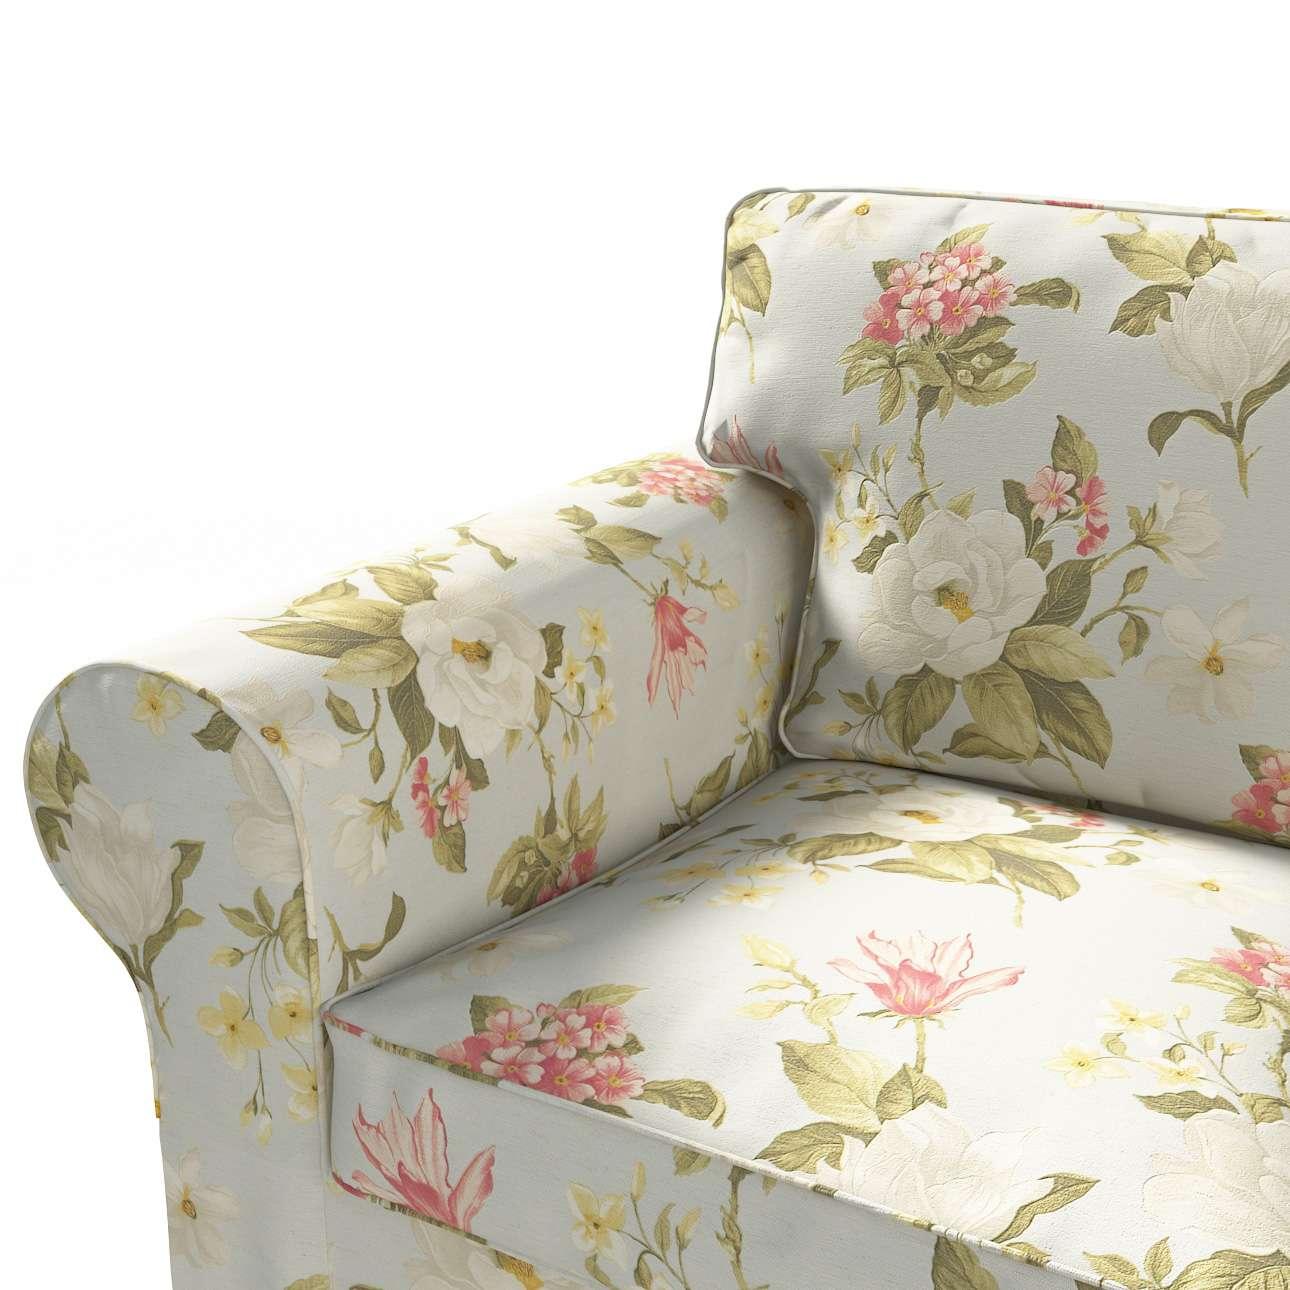 Ektorp trivietės sofos užvalkalas Ektorp trivietės sofos užvalkalas kolekcijoje Londres, audinys: 123-65